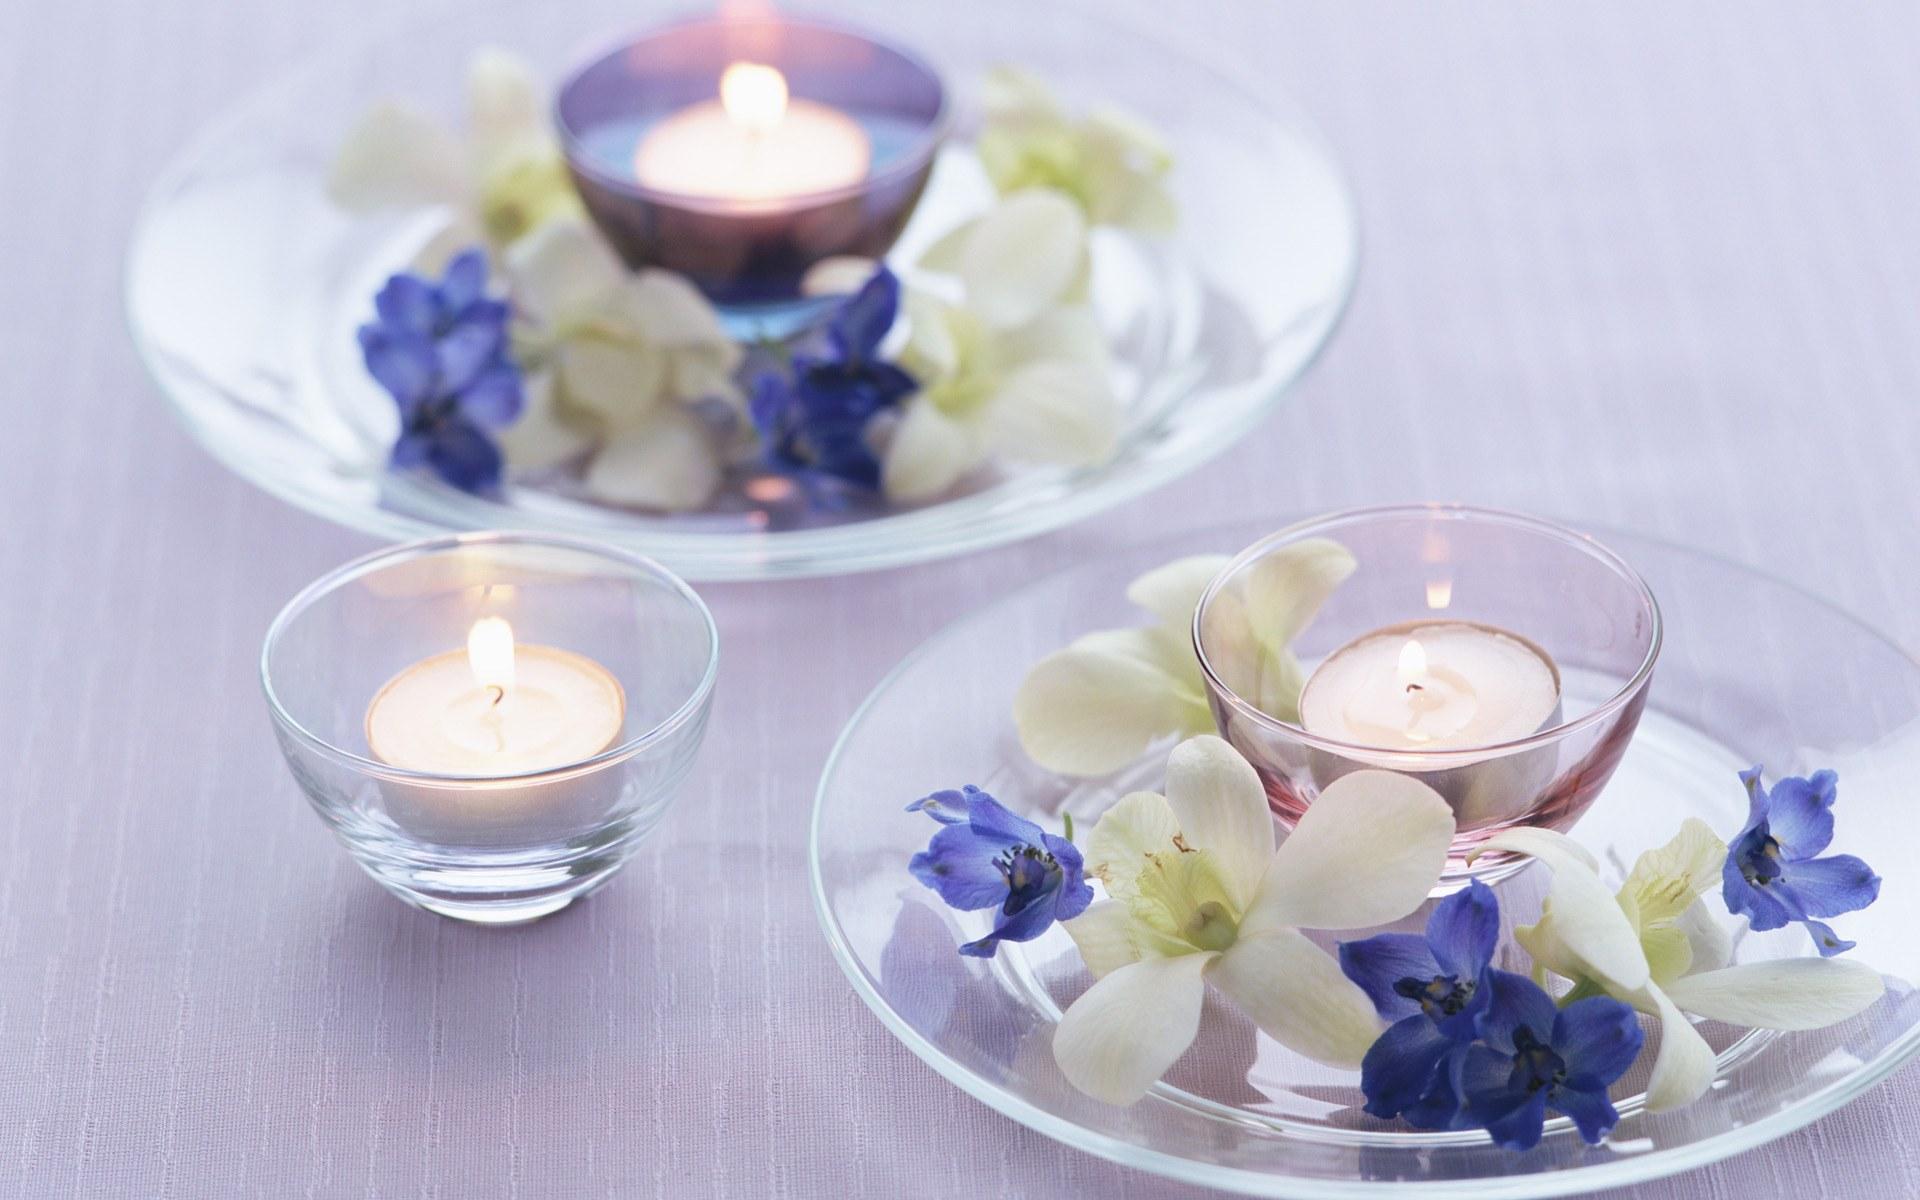 壁纸 香薰/家居浪漫气氛 浪漫香薰蜡烛图片